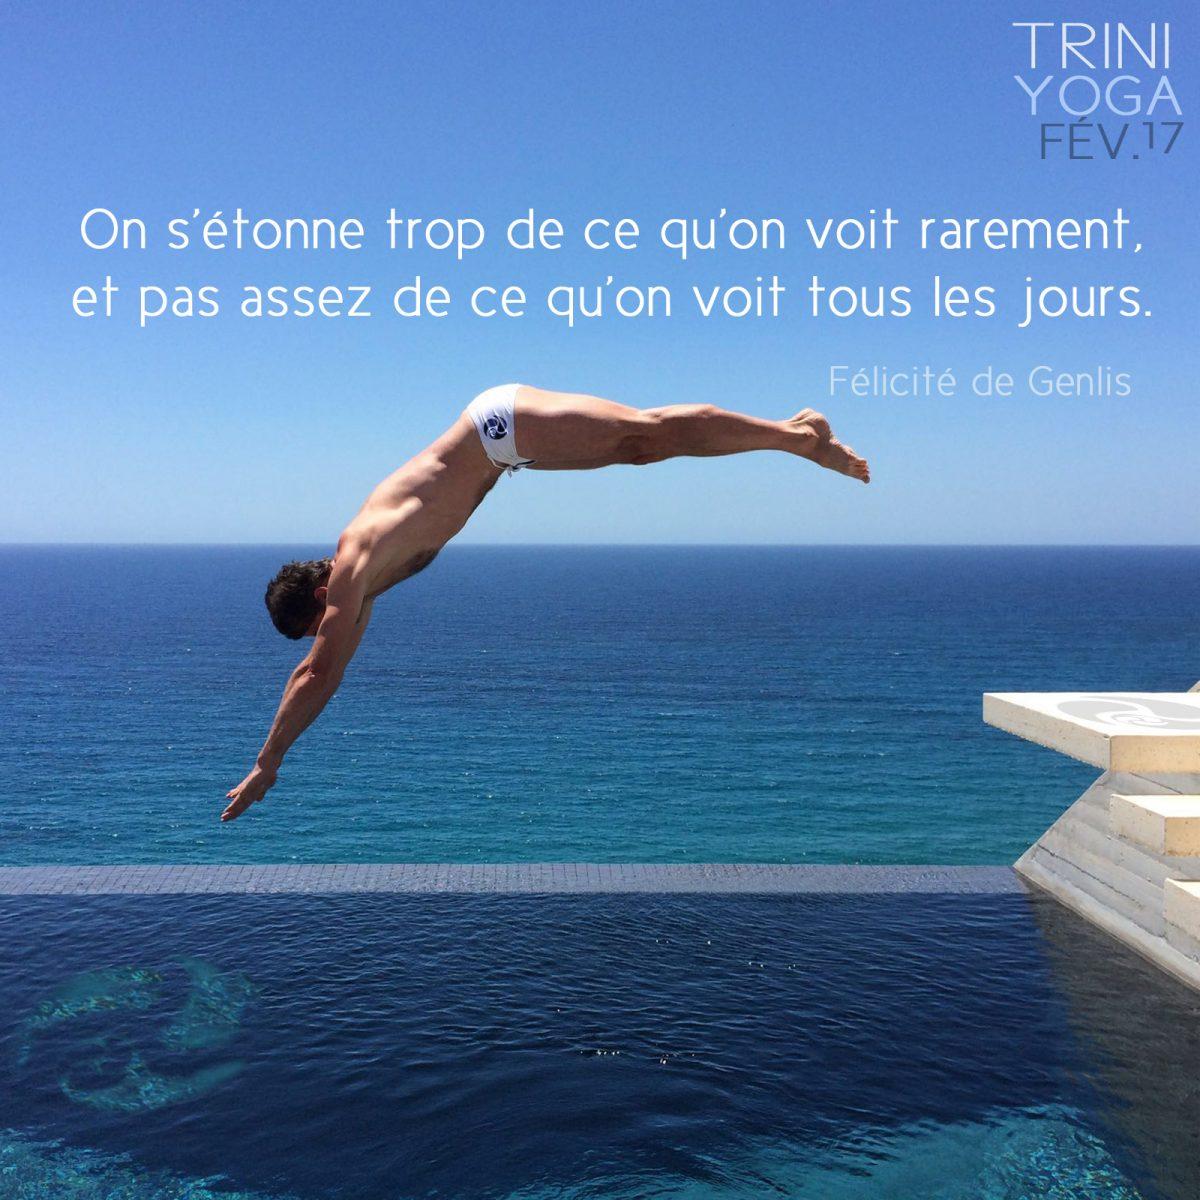 Homme plongeon piscine en Grèce - Trini Yoga citation Félicité de Genlis